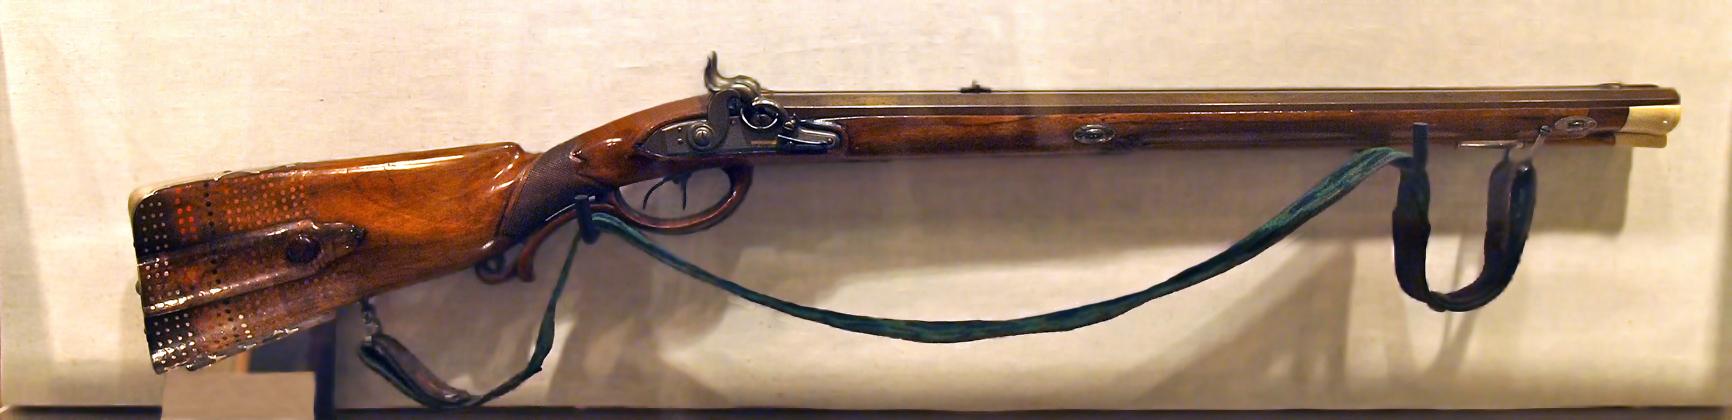 Double rifle | Military Wiki | FANDOM powered by Wikia